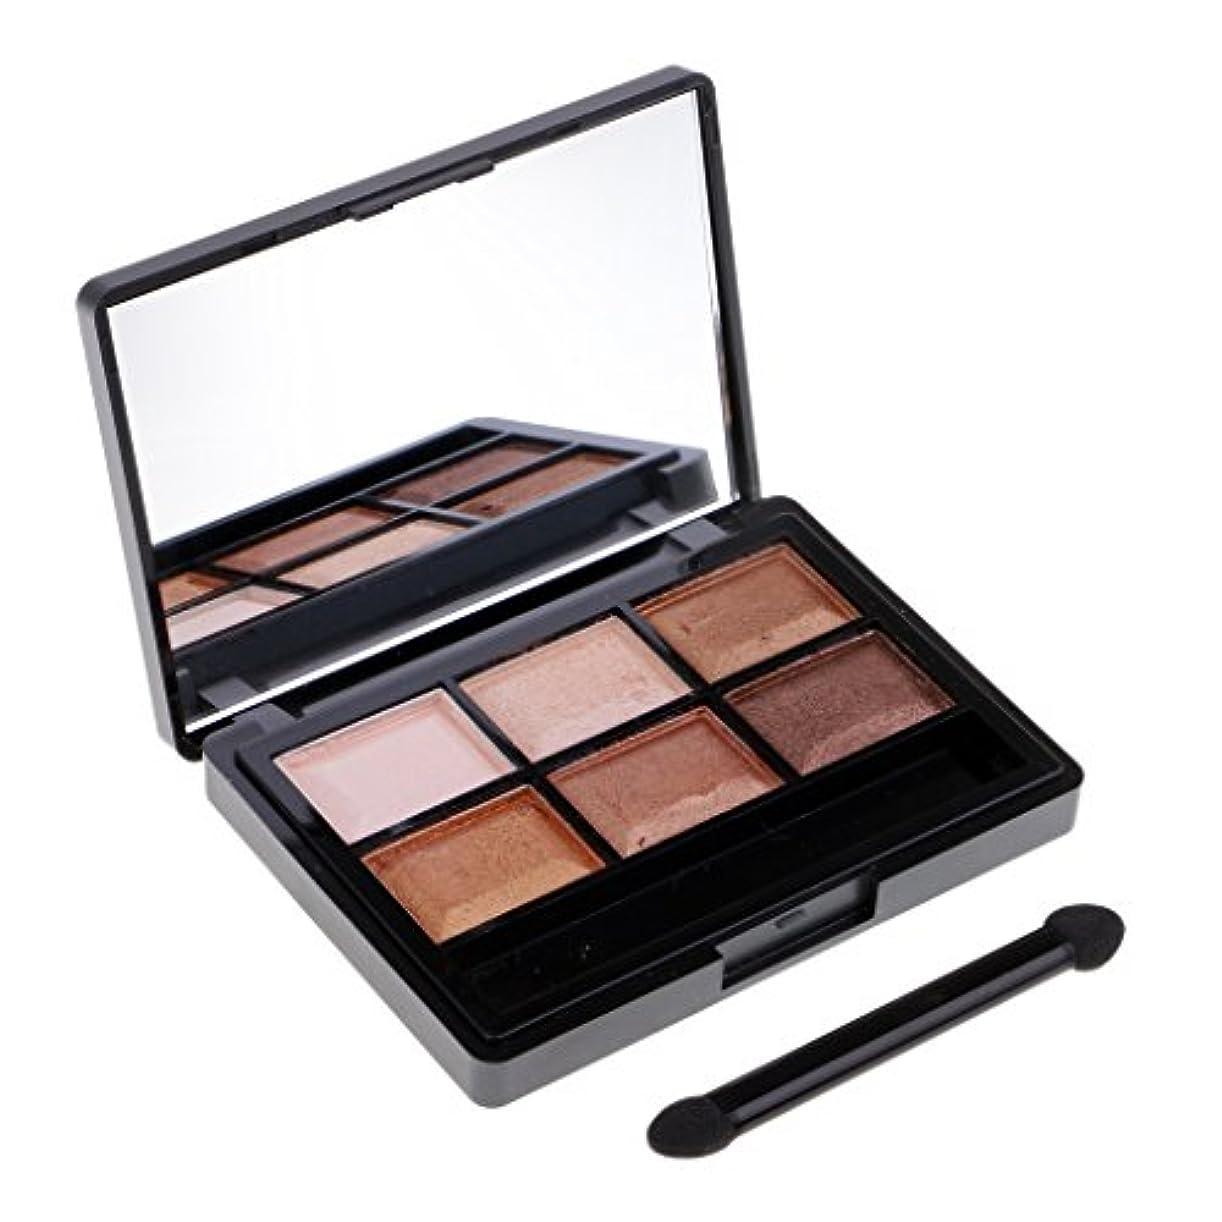 書く独立したシャイニング6色アイシャドウ化粧パレットアイシャドウ顔料ペレットブラシセット - 04#アースカラー